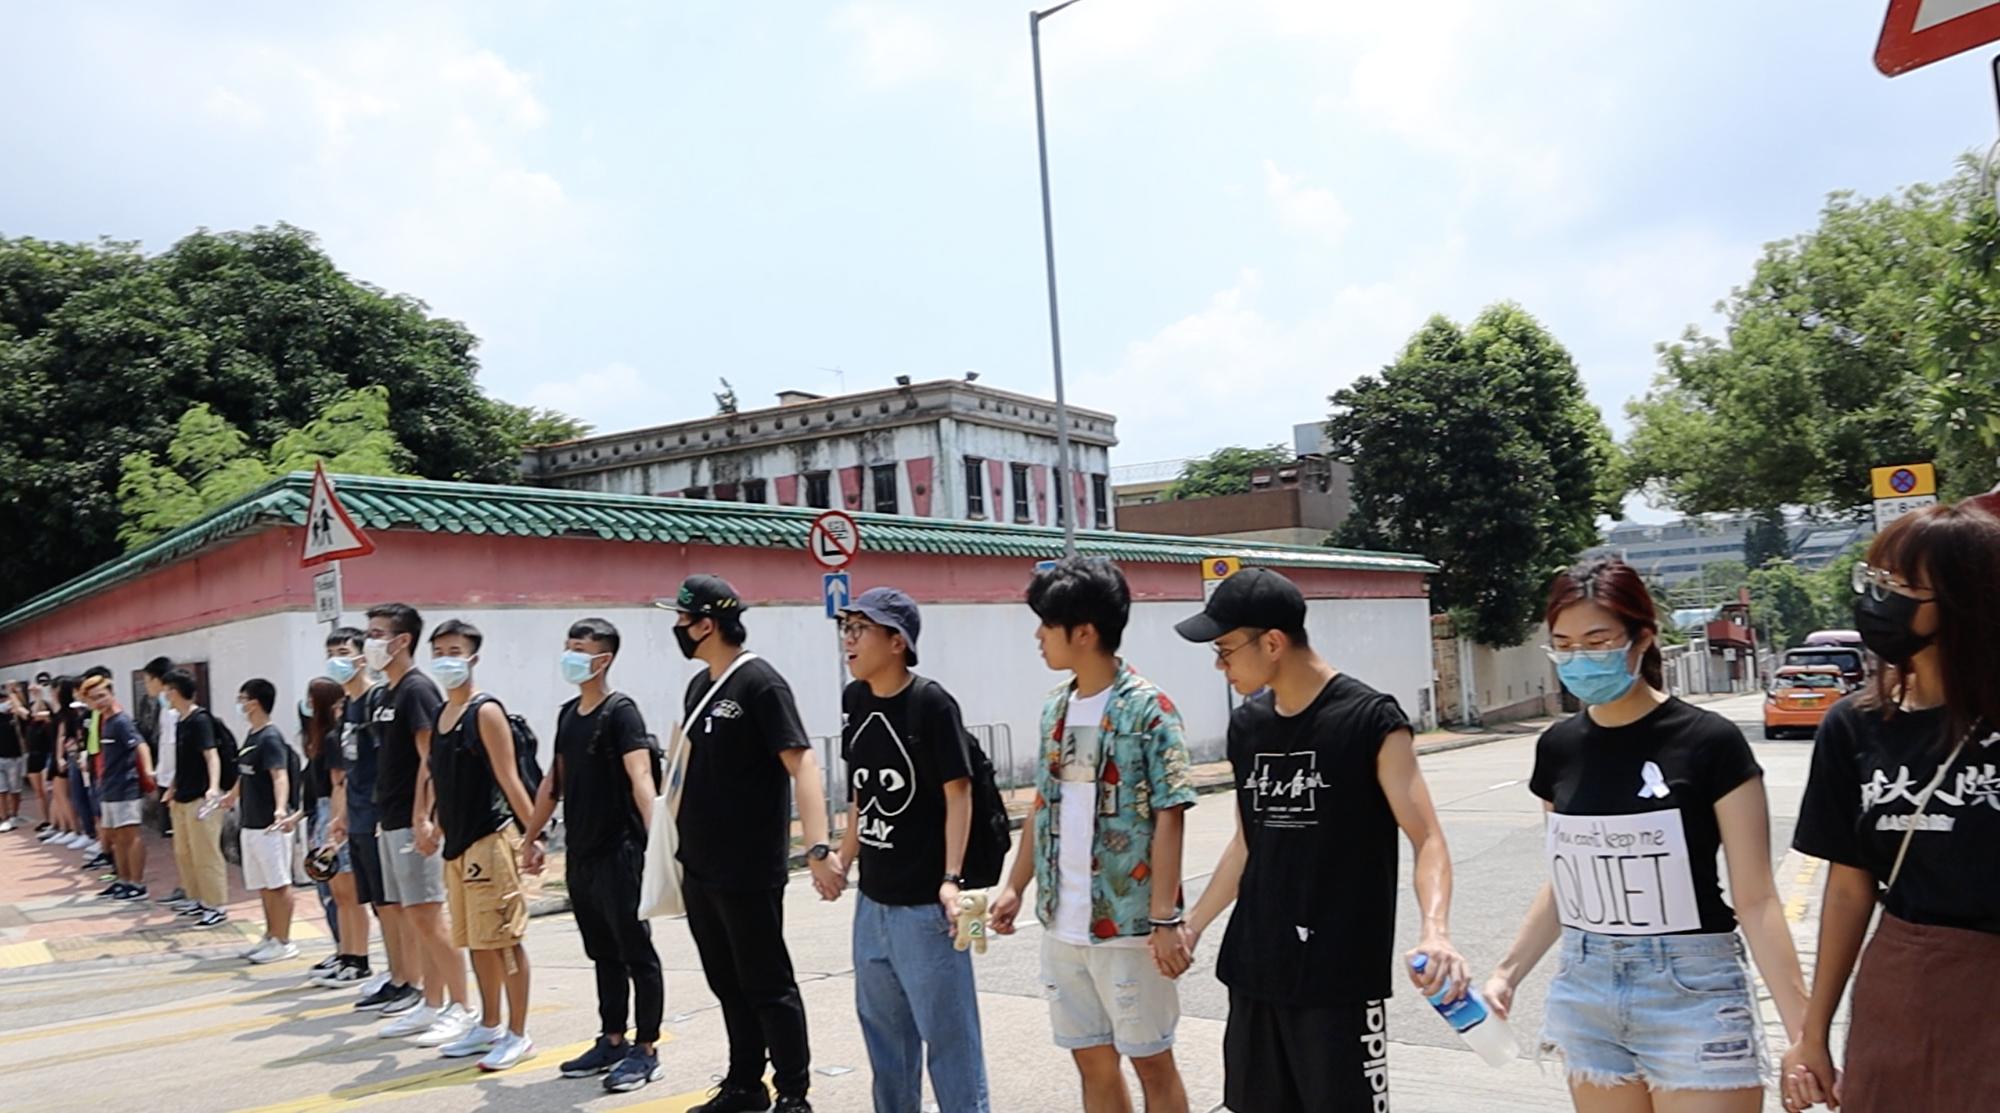 香港城大與浸大學生組成的人鏈在歌和老街相連,蔓延幾公里非常震撼。(駱亞/大紀元)